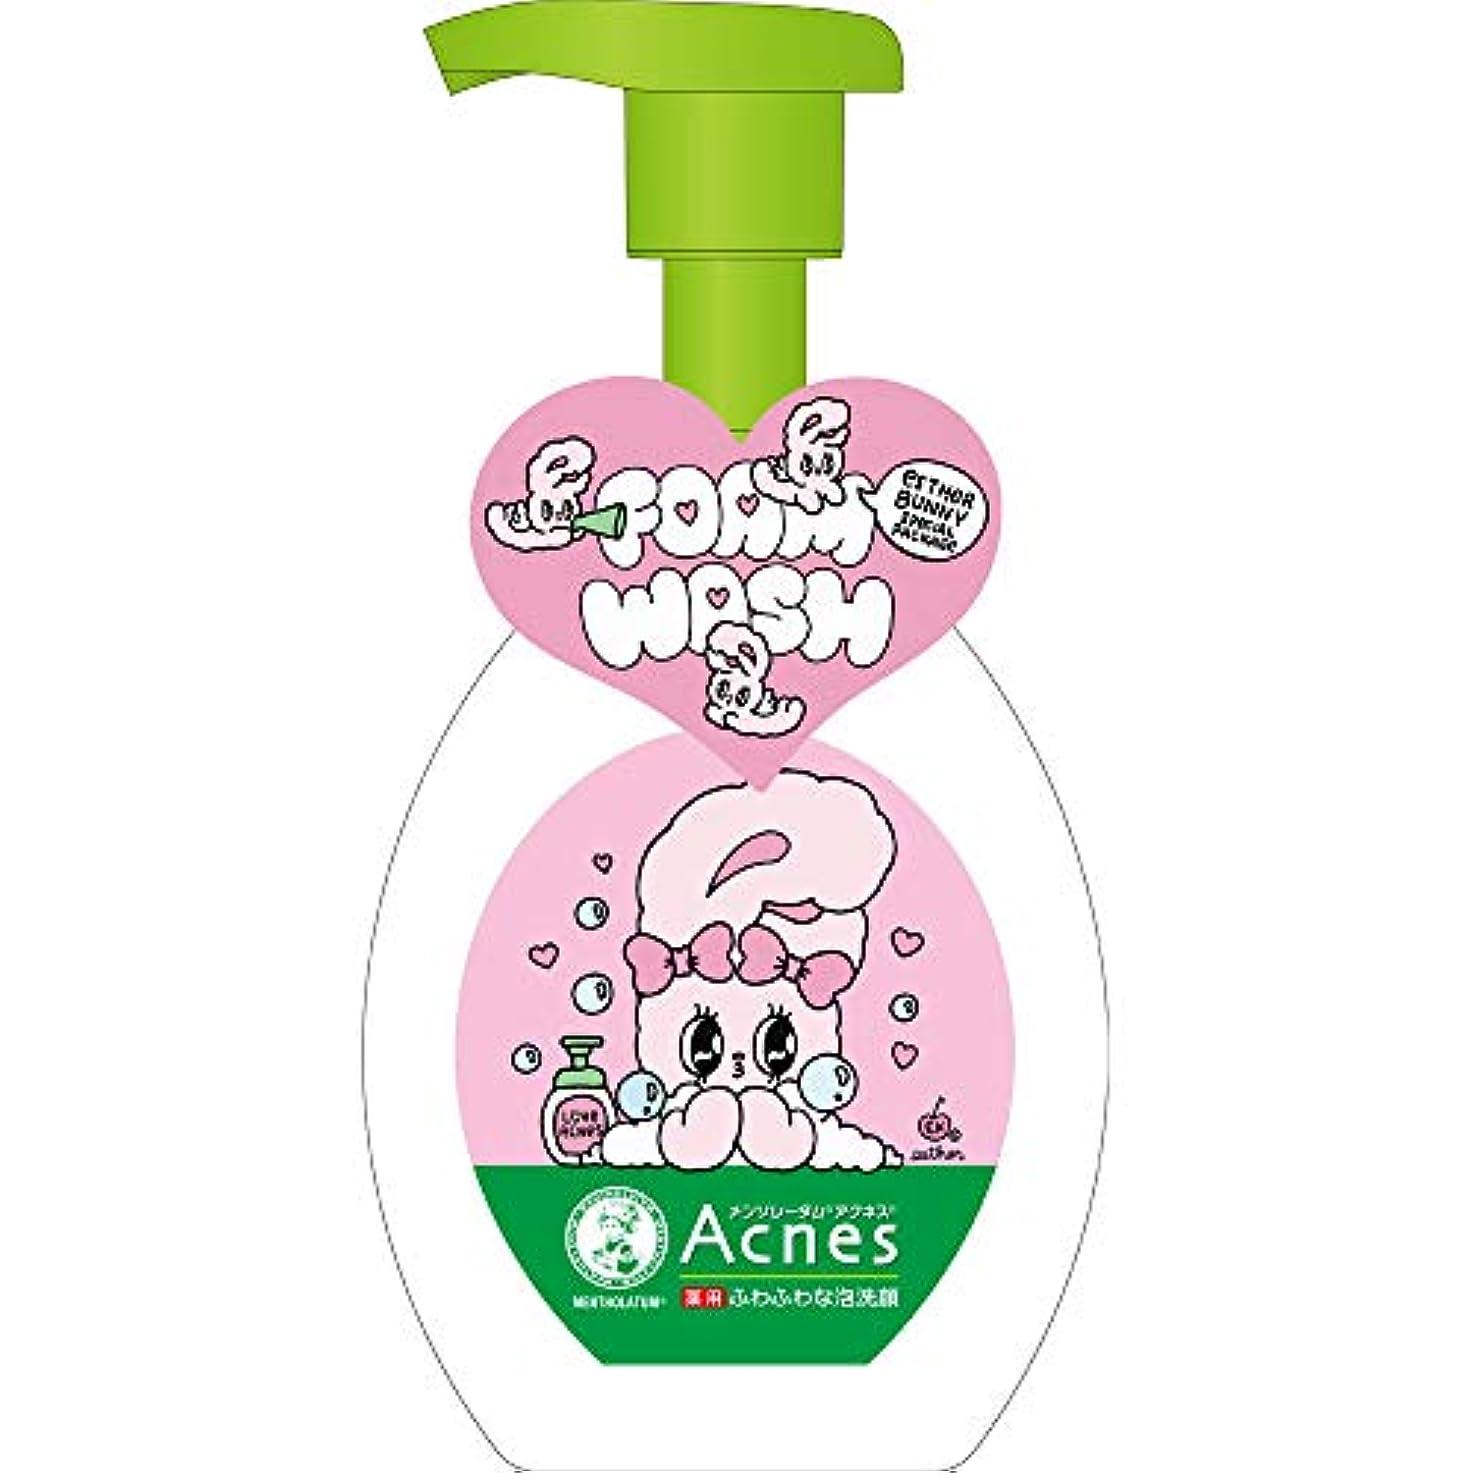 ペース集計スポンジアクネス(Acnes) メンソレータム アクネス 薬用ふわふわな泡洗顔 エスターバニー 160mL